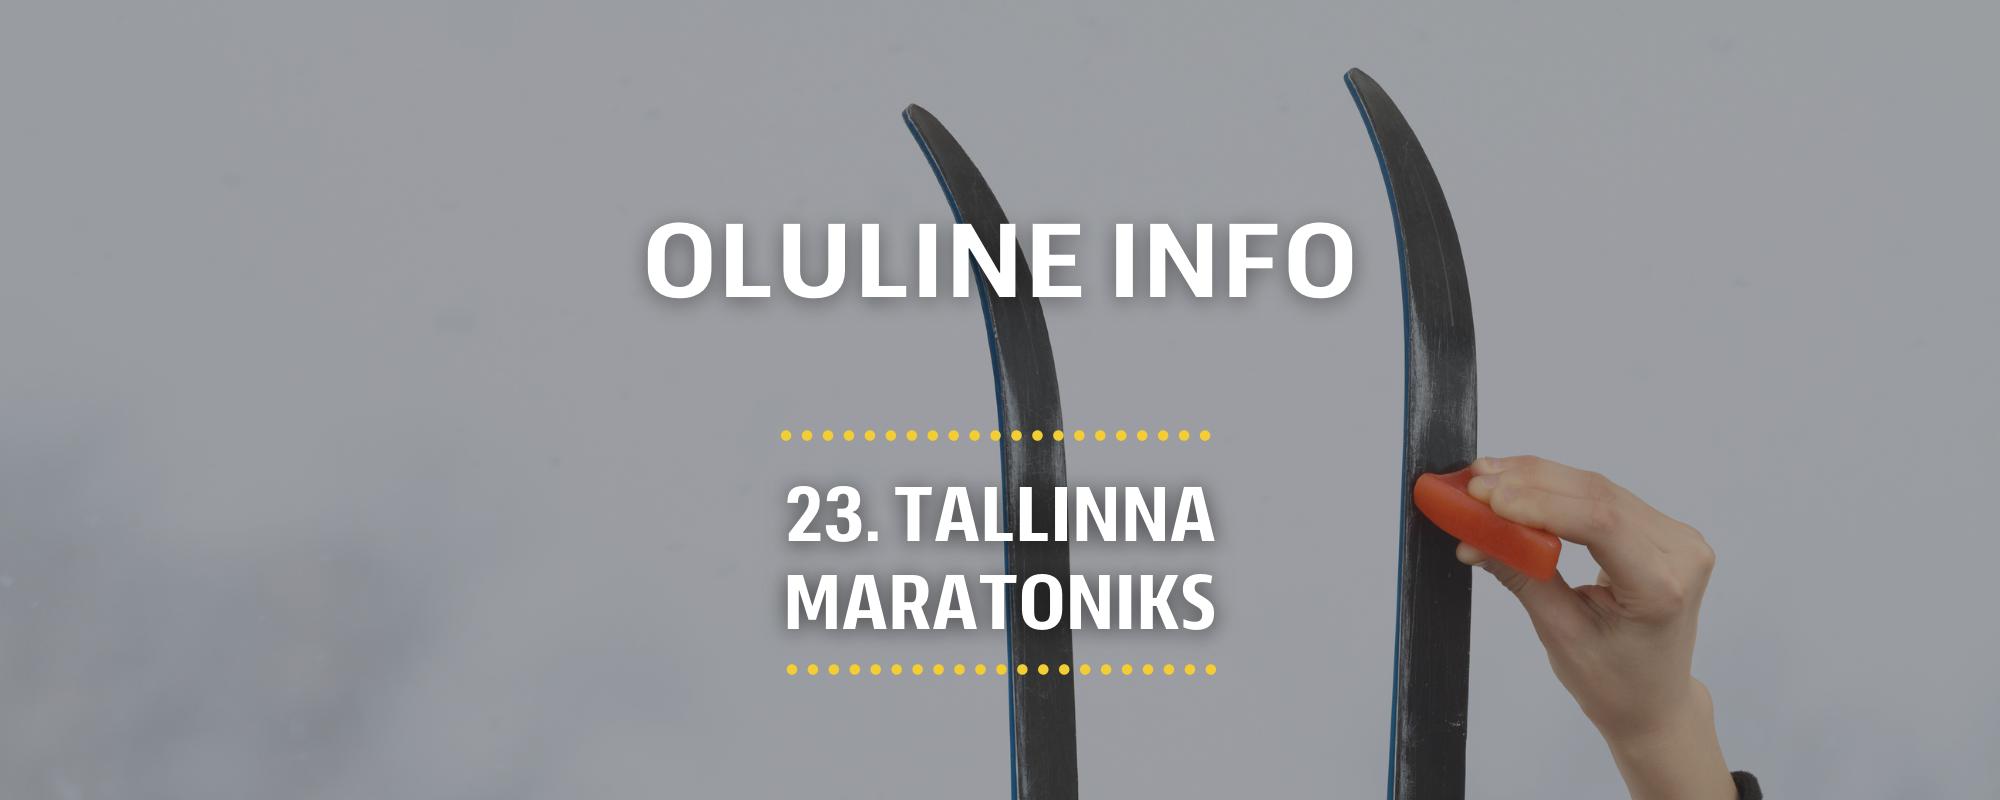 Skiwax Europe määrdeprognoos, soovitused ja oluline info: 23. Tallinna Maraton